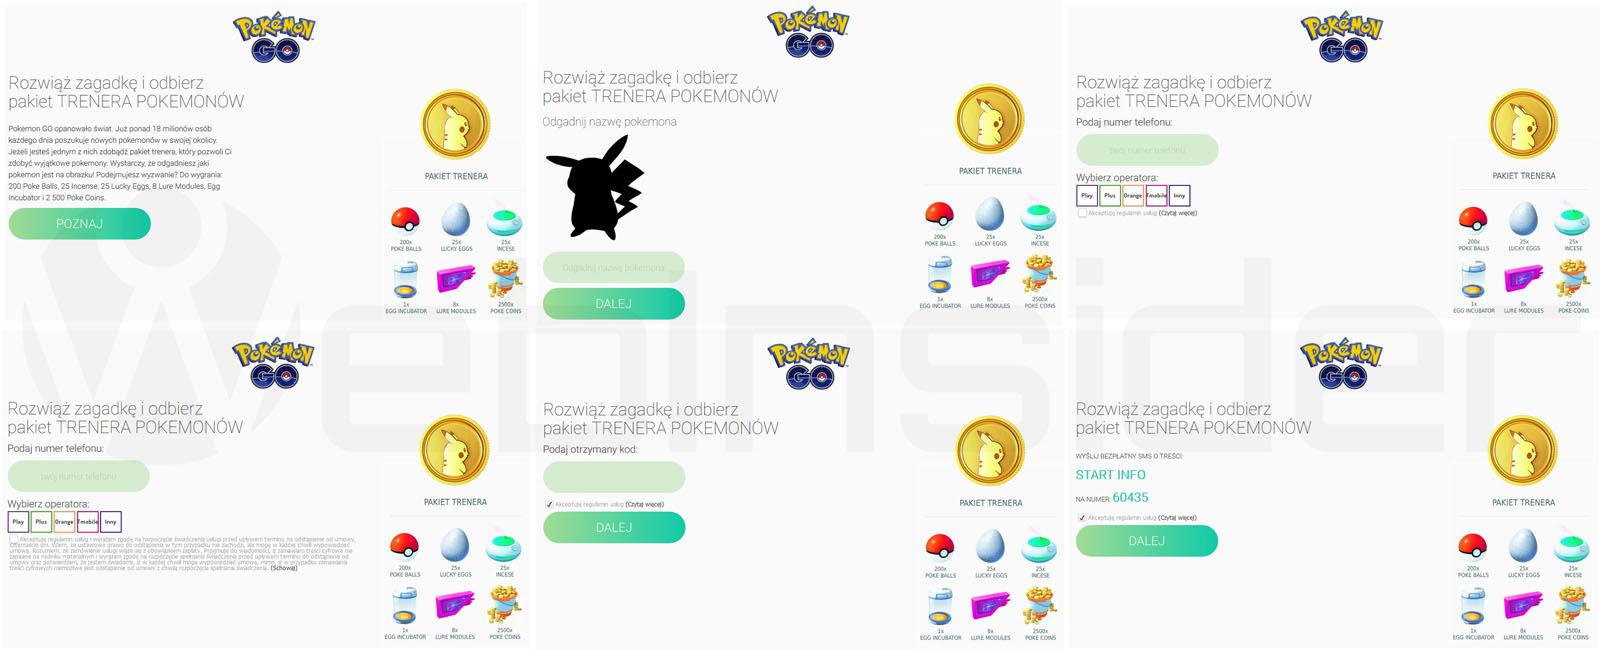 pokemon-go_scam_pakiet-trener-pokemonow-premium-sms01